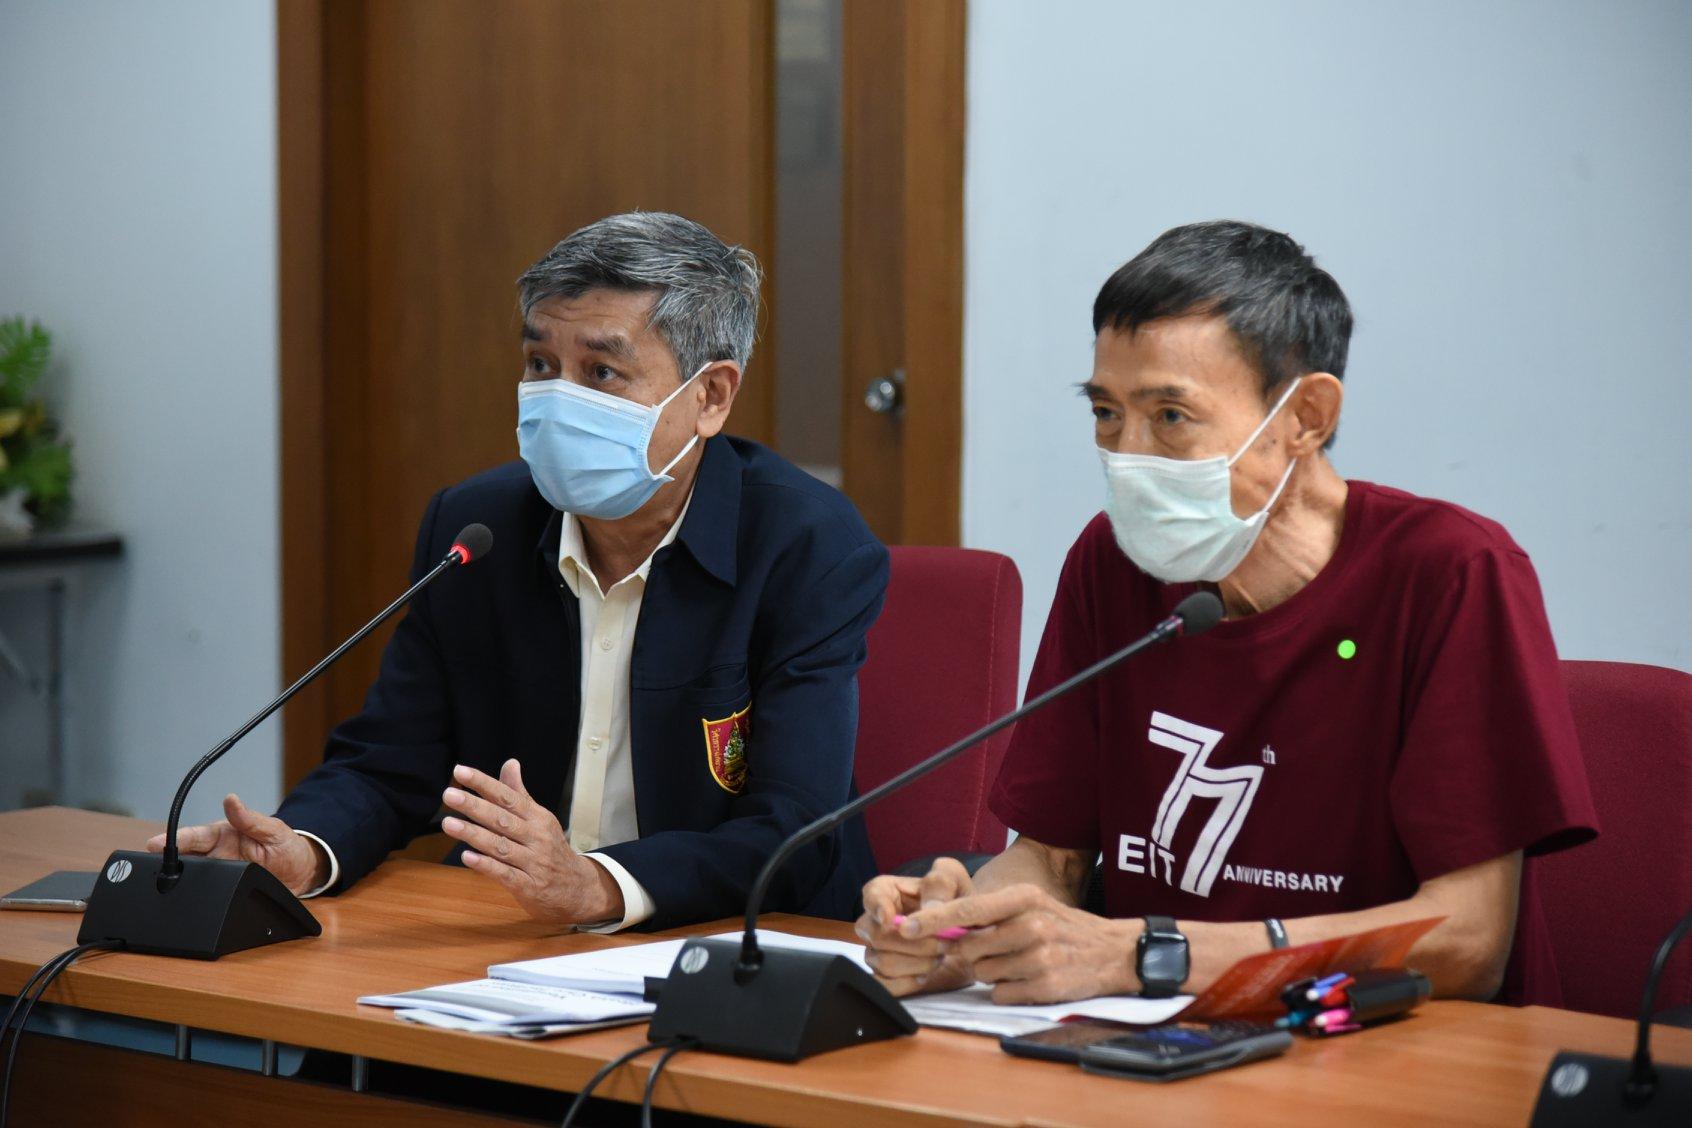 """วิศวกรรมสถานแห่งประเทศไทยฯ (วสท.) ได้ทำหน้าที่ให้กับสังคม ด้วยการนำเสนอสิ่งประดิษฐ์อุปกรณ์ทางการแพทย์""""ห้องแยกการติดเชื้อทางอากาศความดันลบ"""" (Airborne Inflection Isolation Room)"""